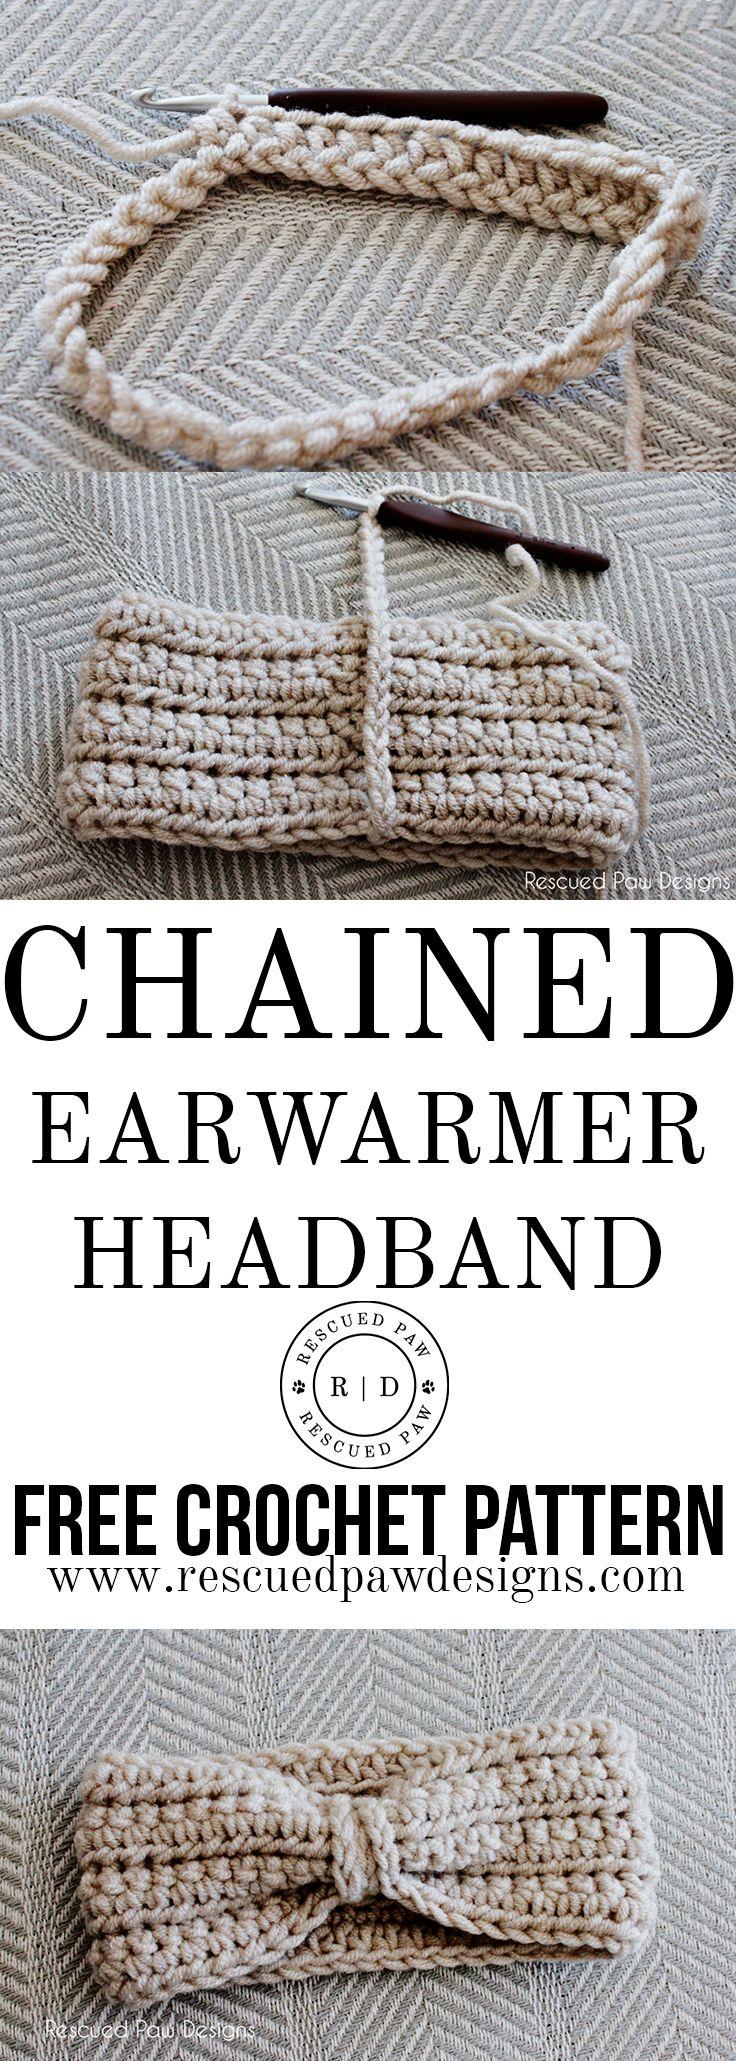 Crochet Ear Warmer Pattern – Free Ear Warmer Headband Pattern